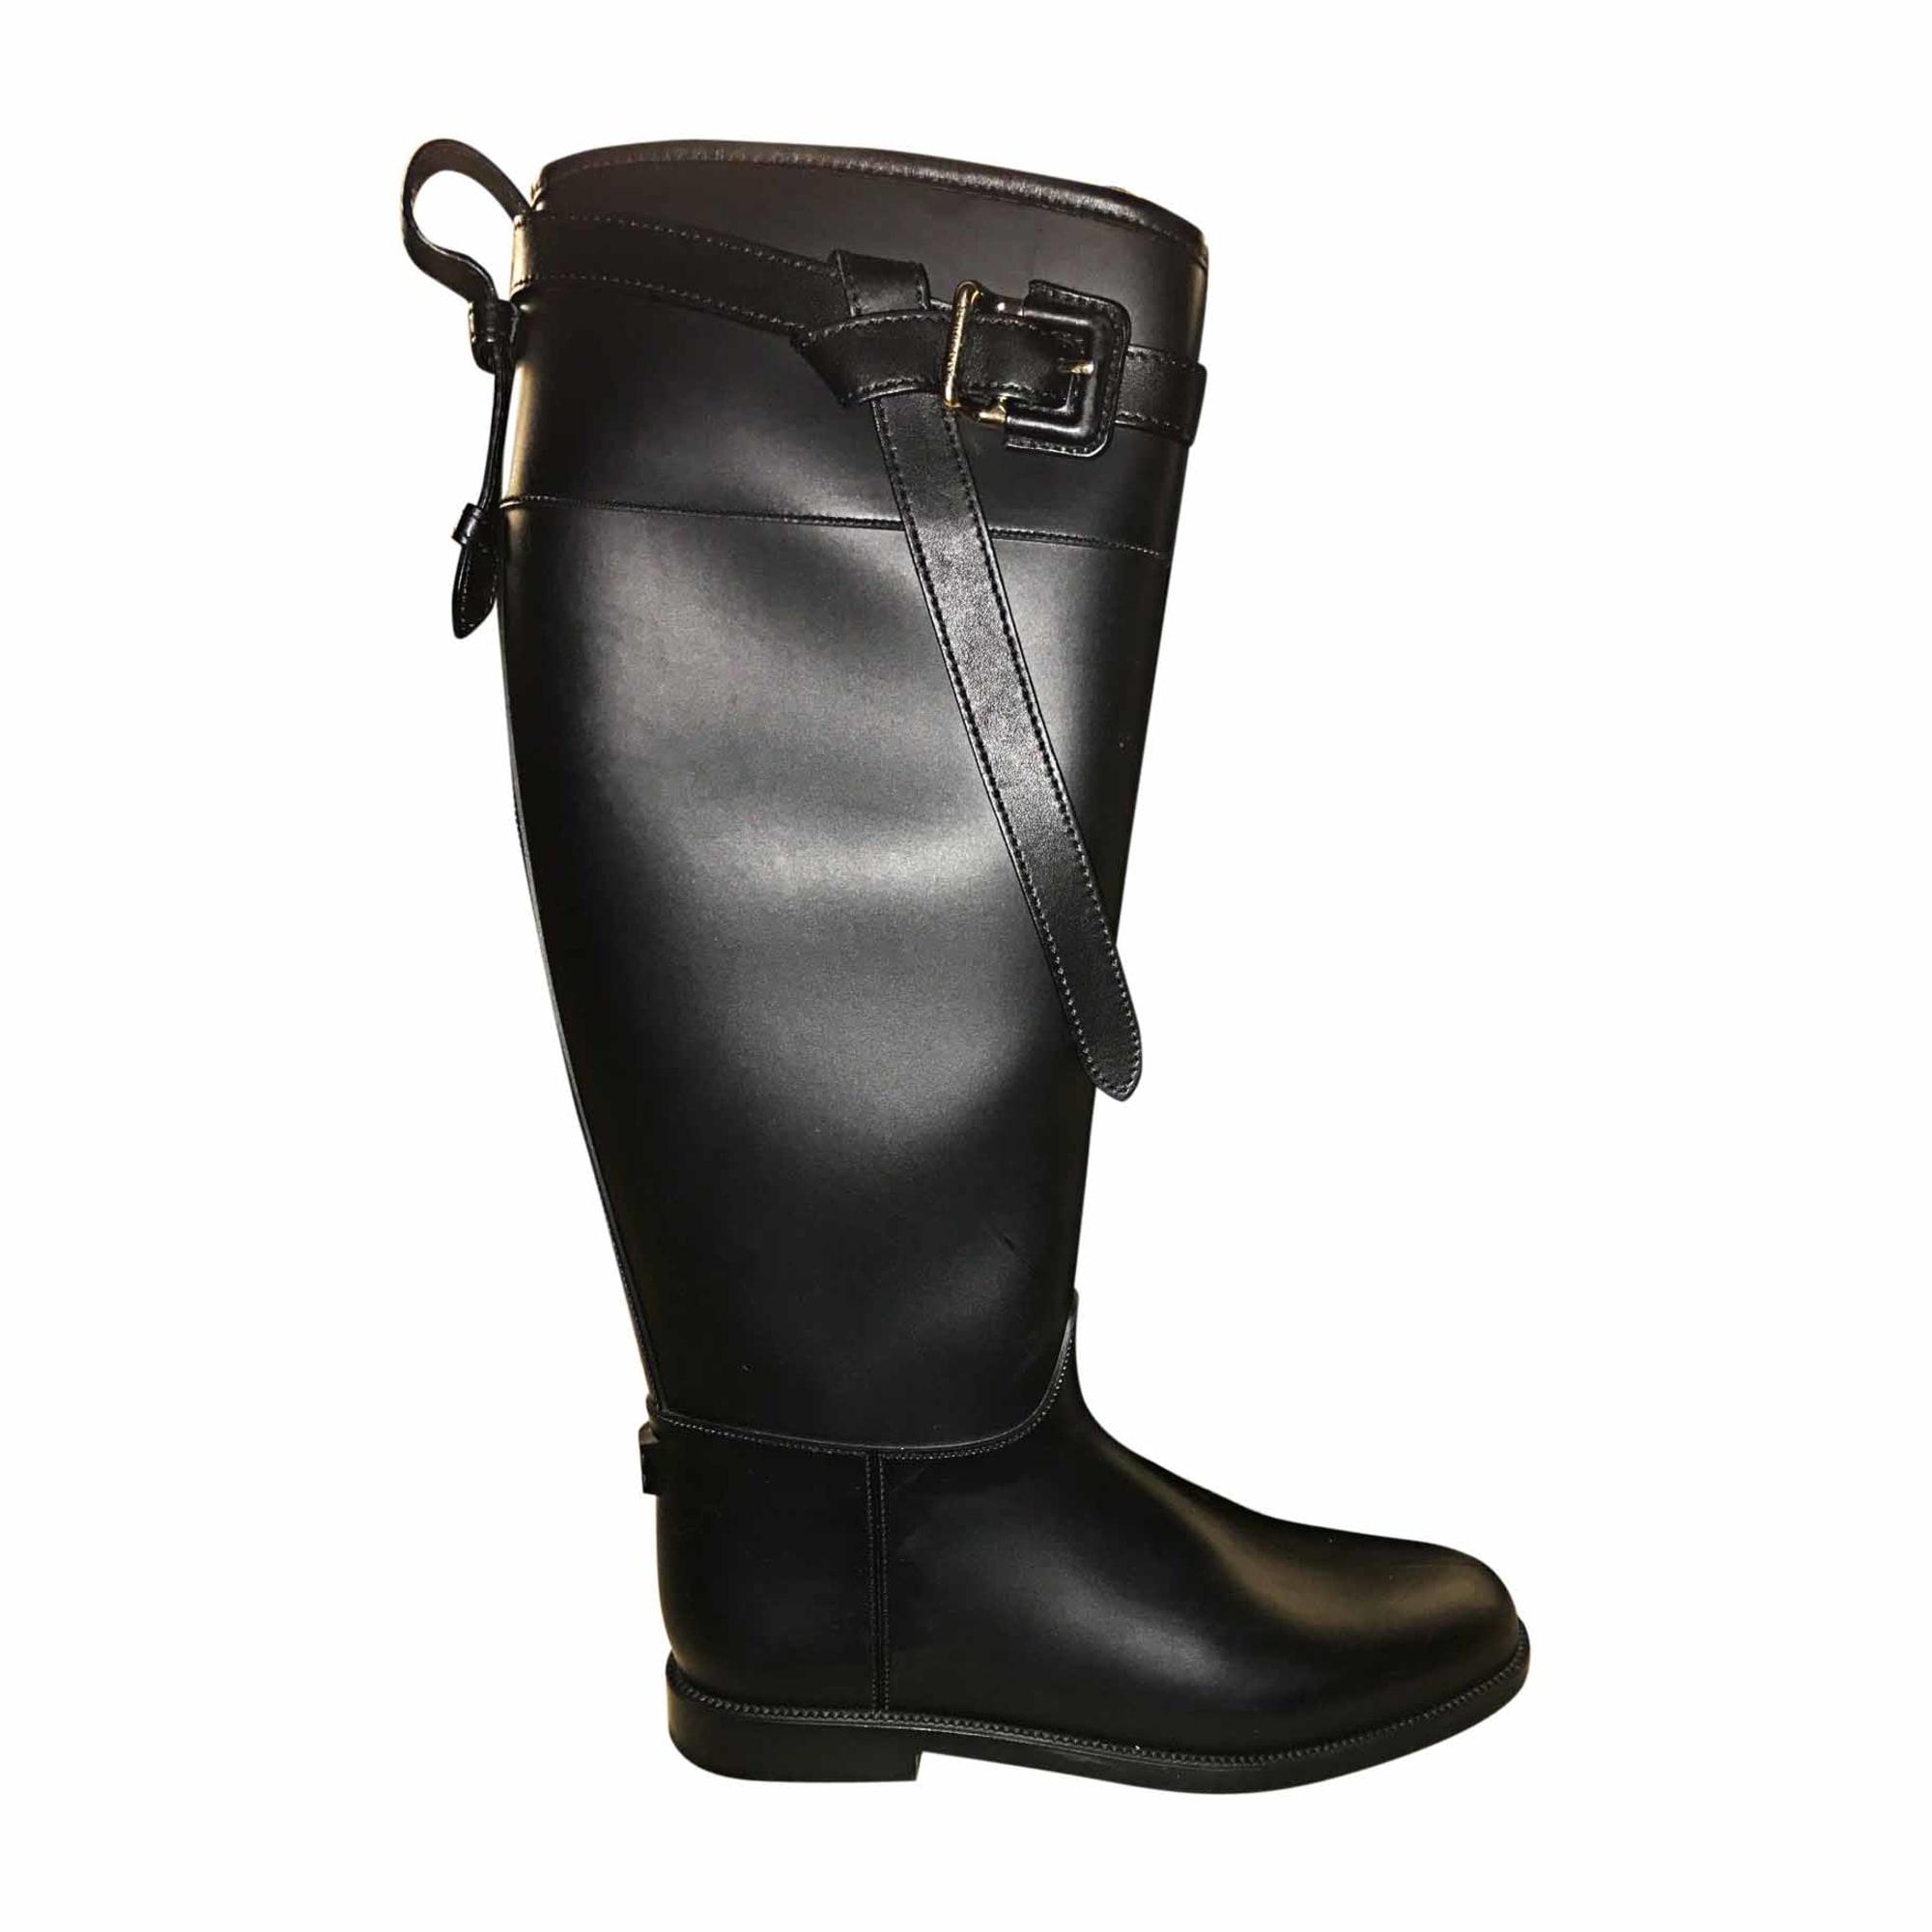 cb136e815d7fa Bottes de pluie BURBERRY 41 noir - 6587901